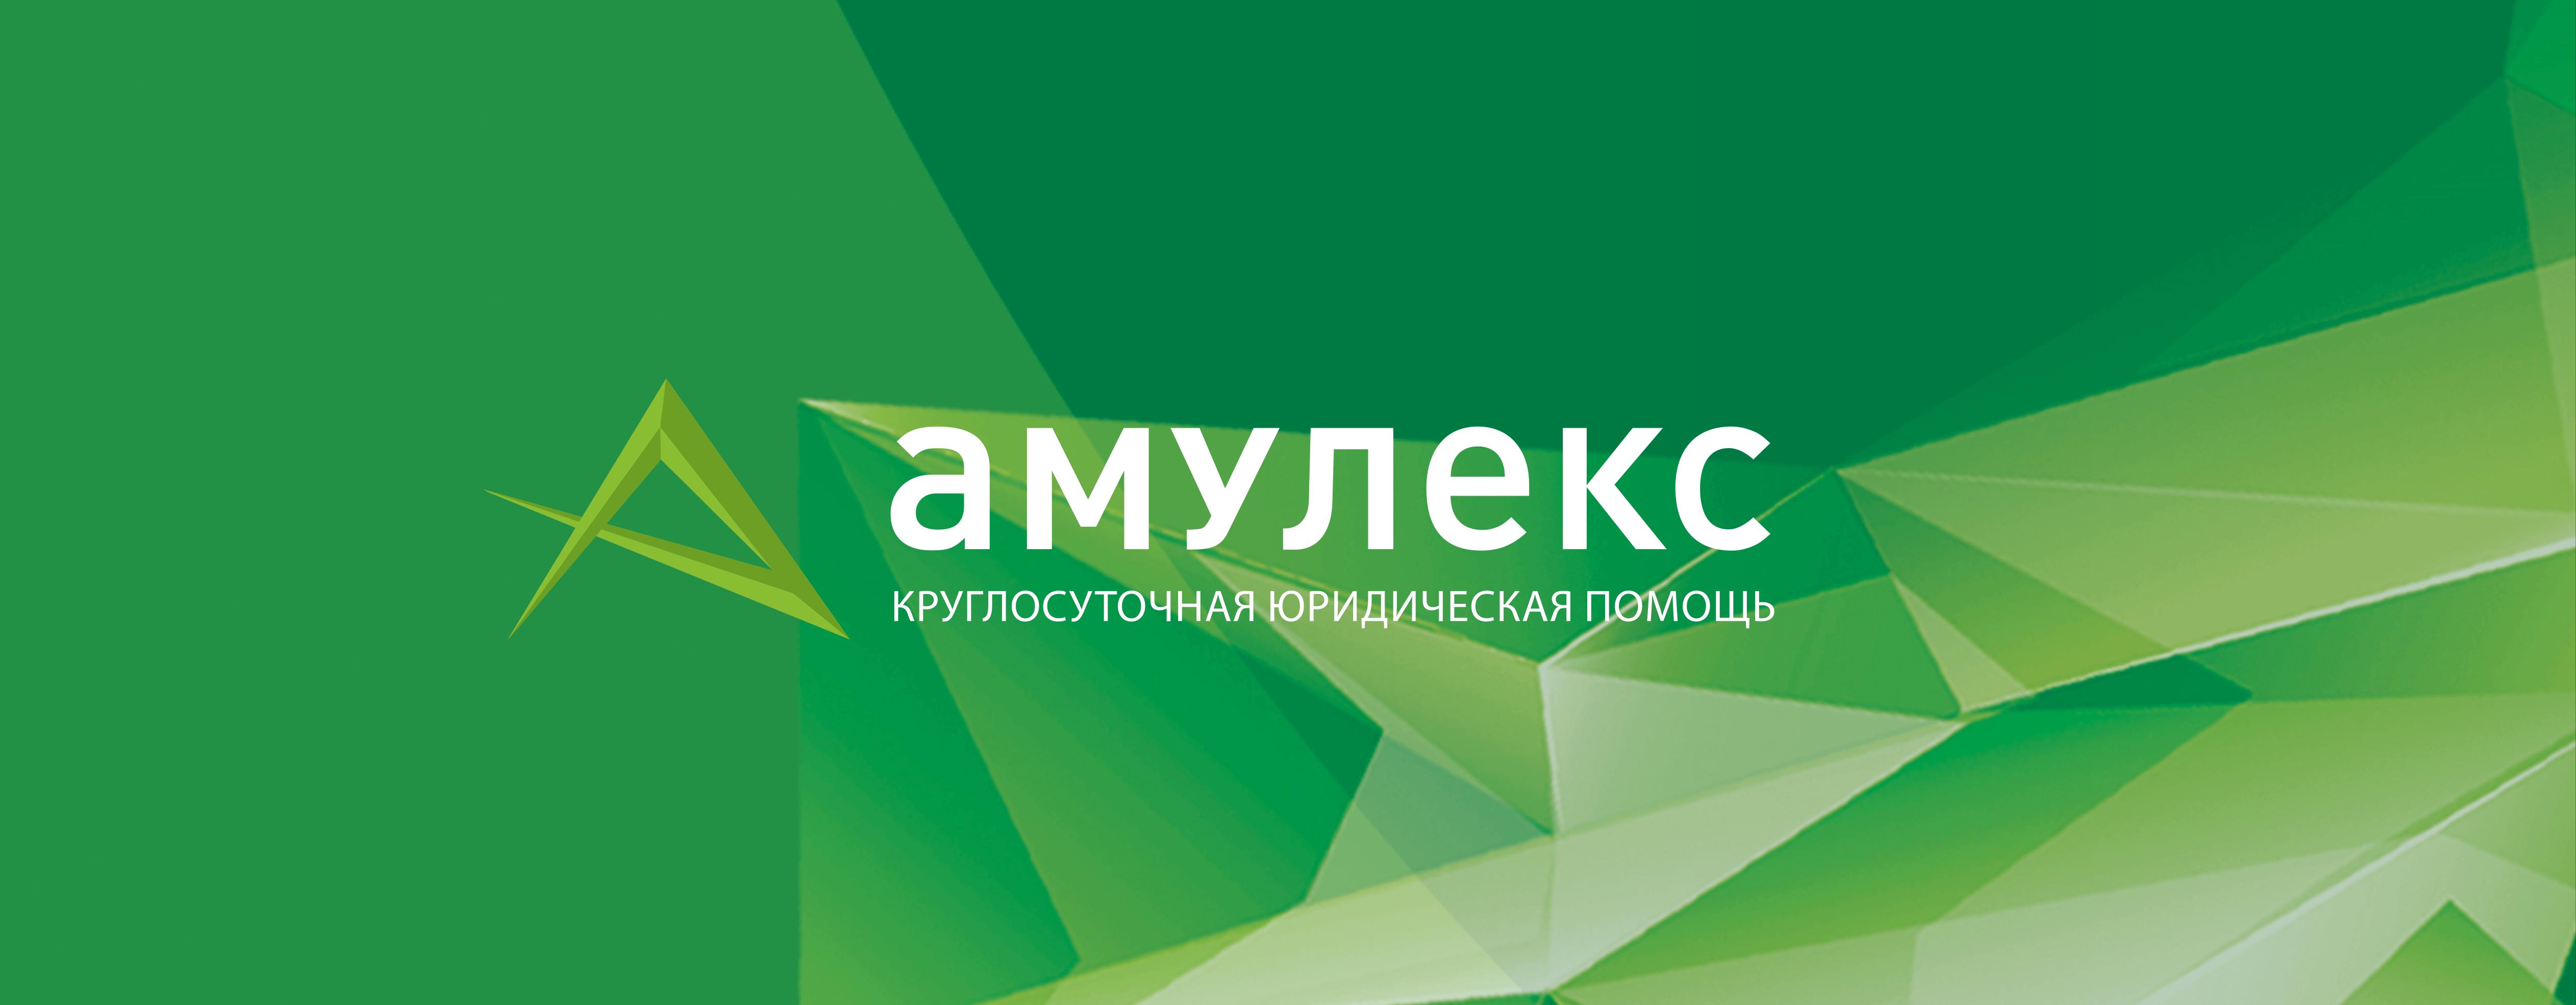 Национальная Юридическая Служба АМУЛЕКС - ООО «Бестдоктор»